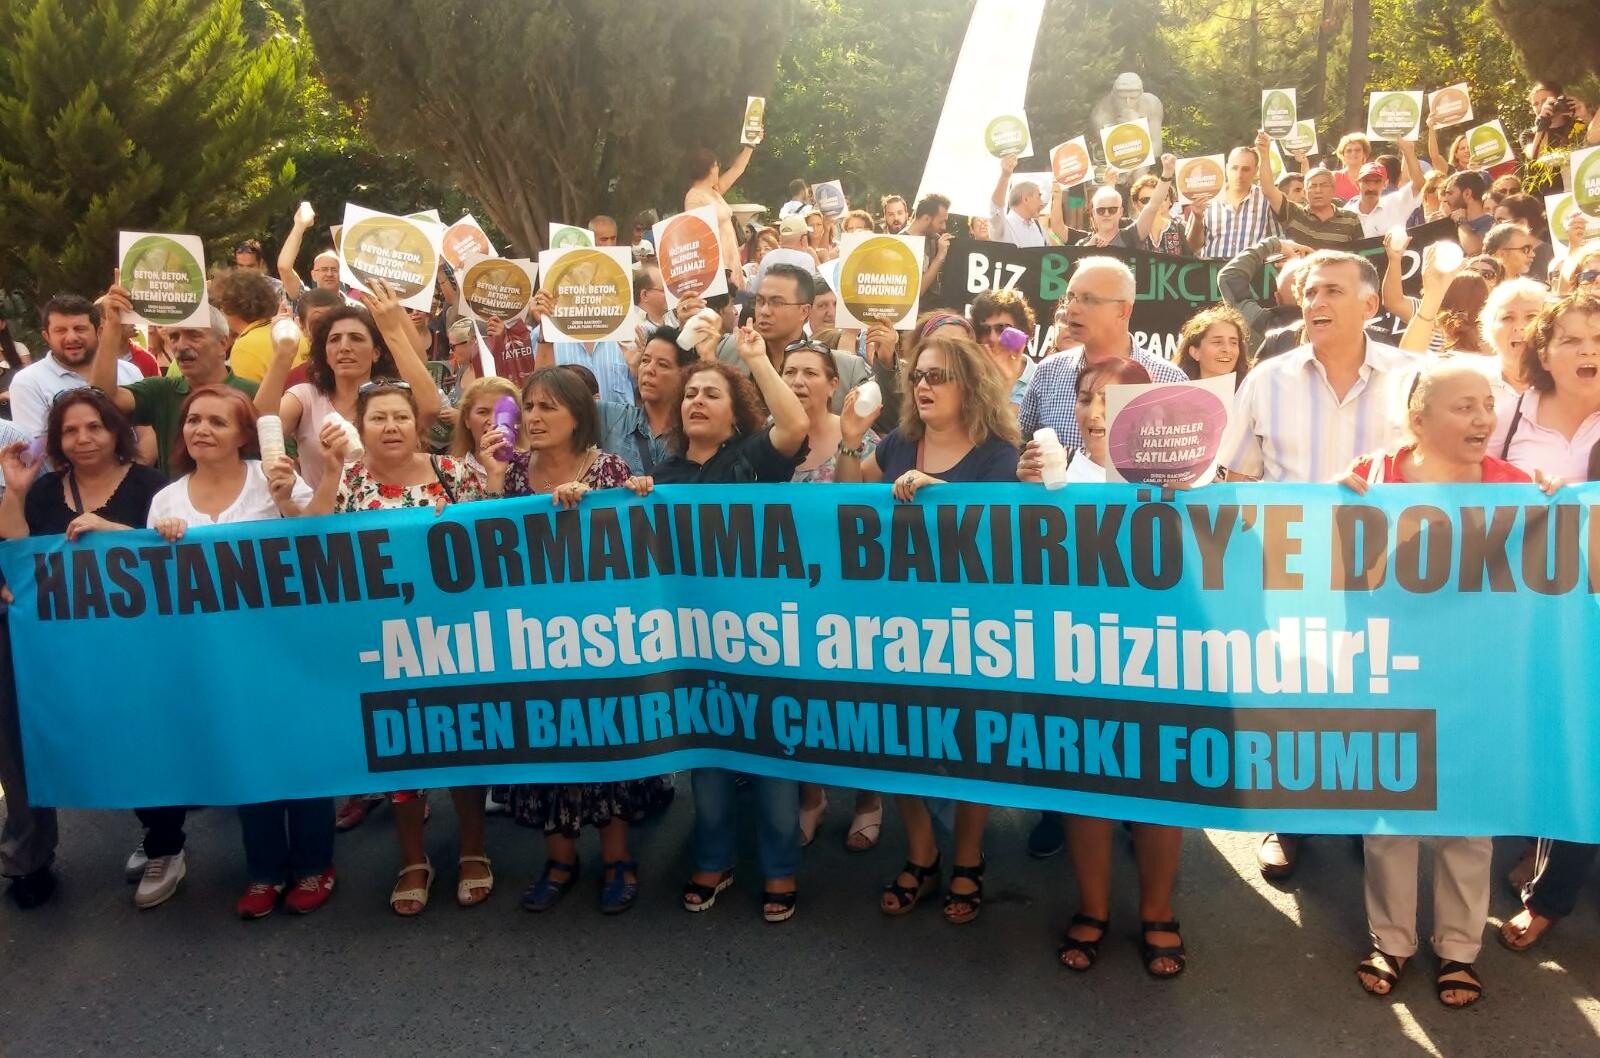 """Bakırköylüler eylemdeydi: """"Hastaneme, ormanıma, Bakırköy'e dokunma!"""""""